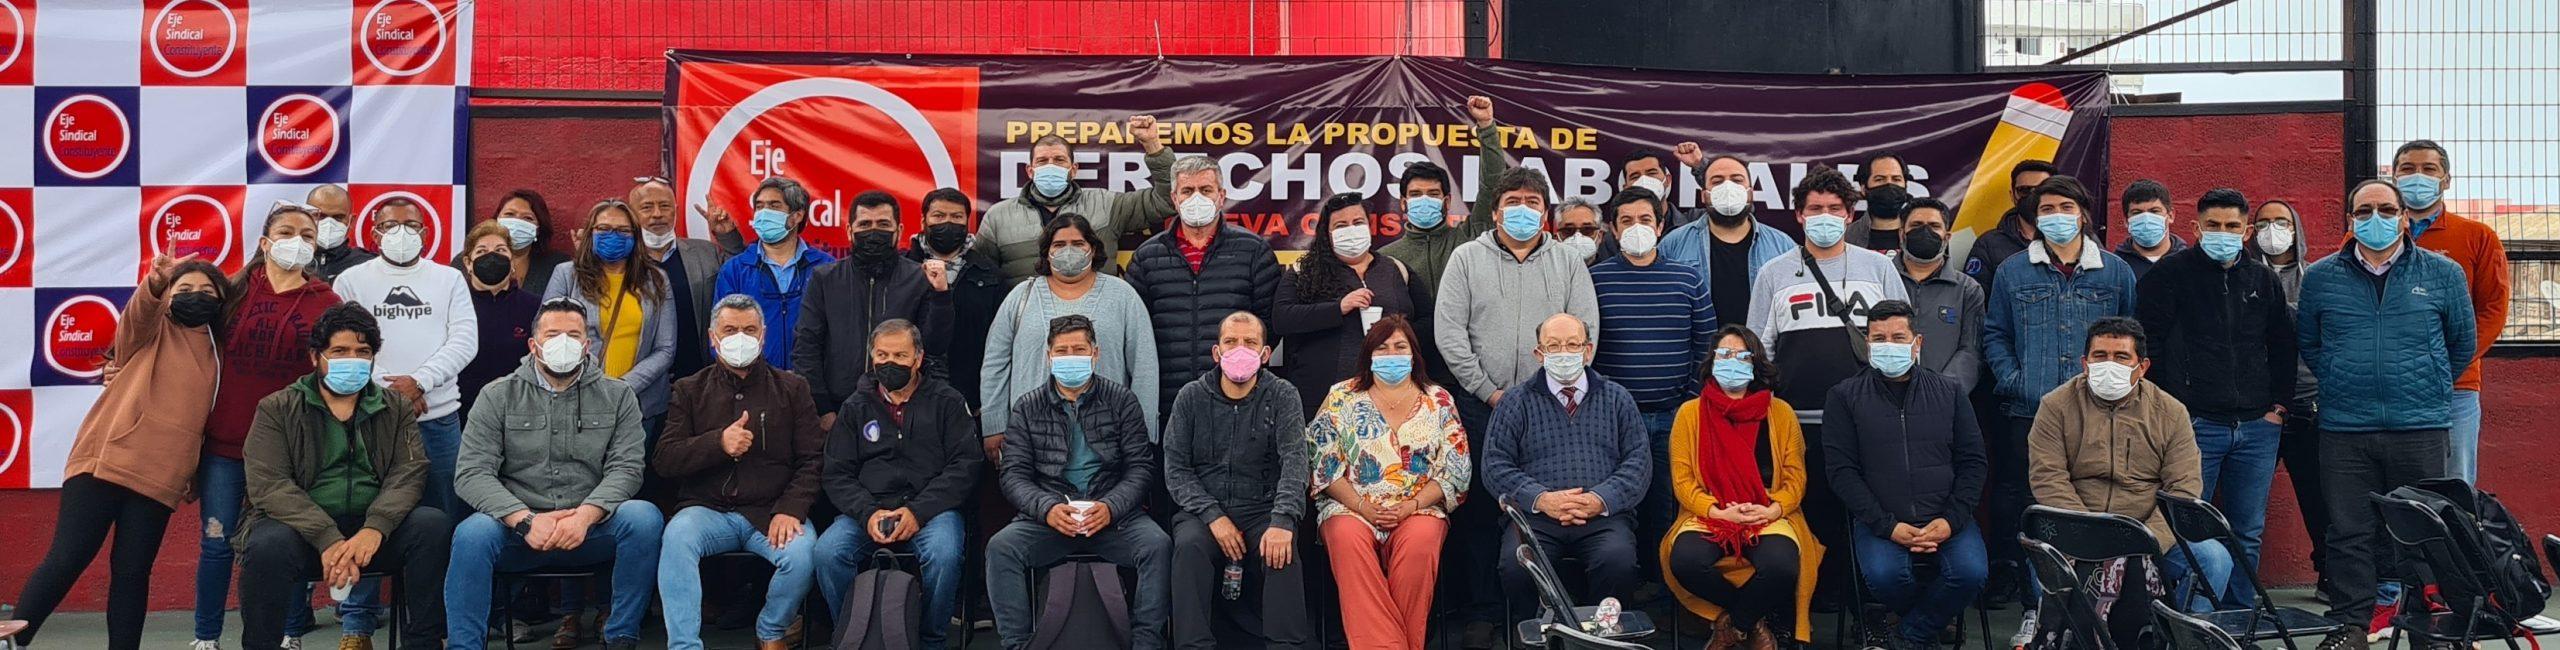 SSMLP participa del Encuentro de Trabajadores y Trabajadoras para un nuevo Chile